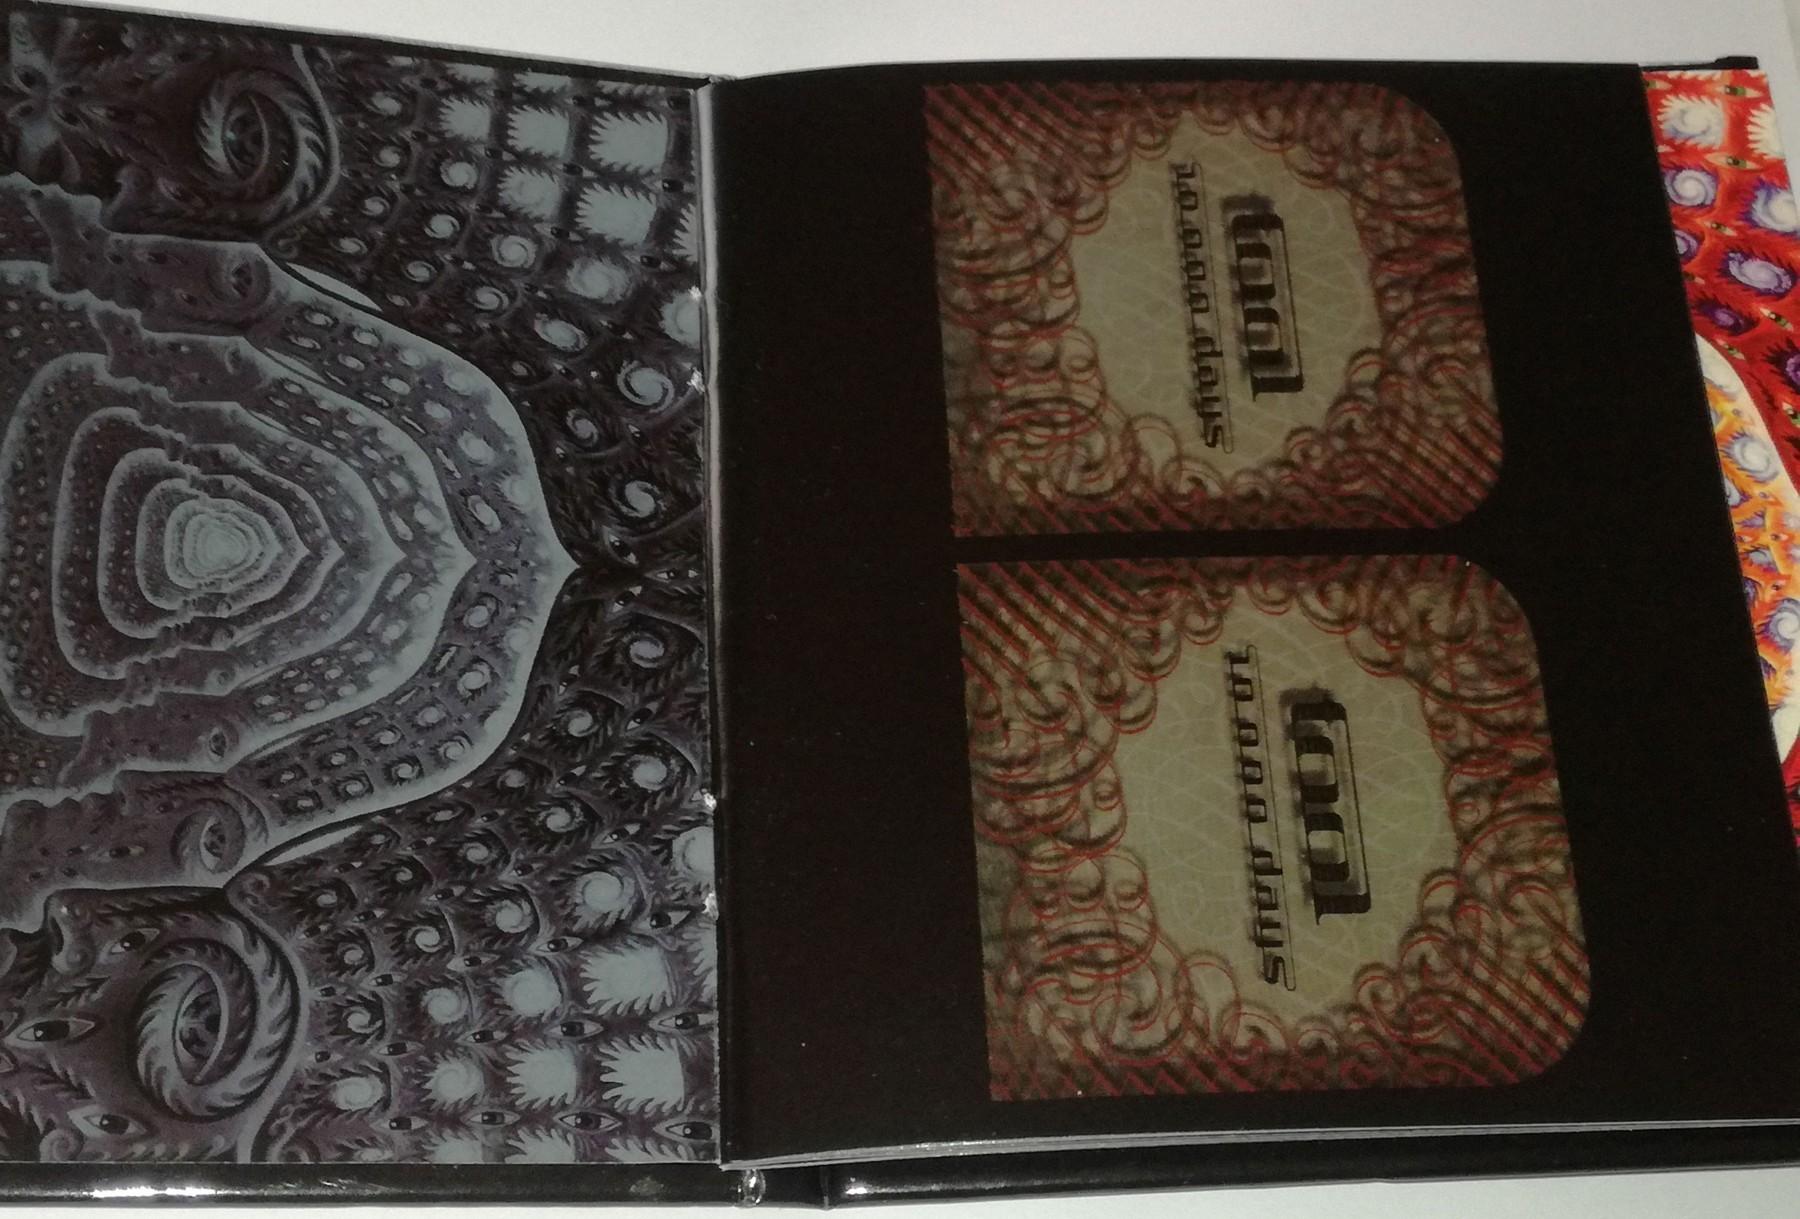 Tool – 10,000 Days (CD) - Kupindo com (51574201)